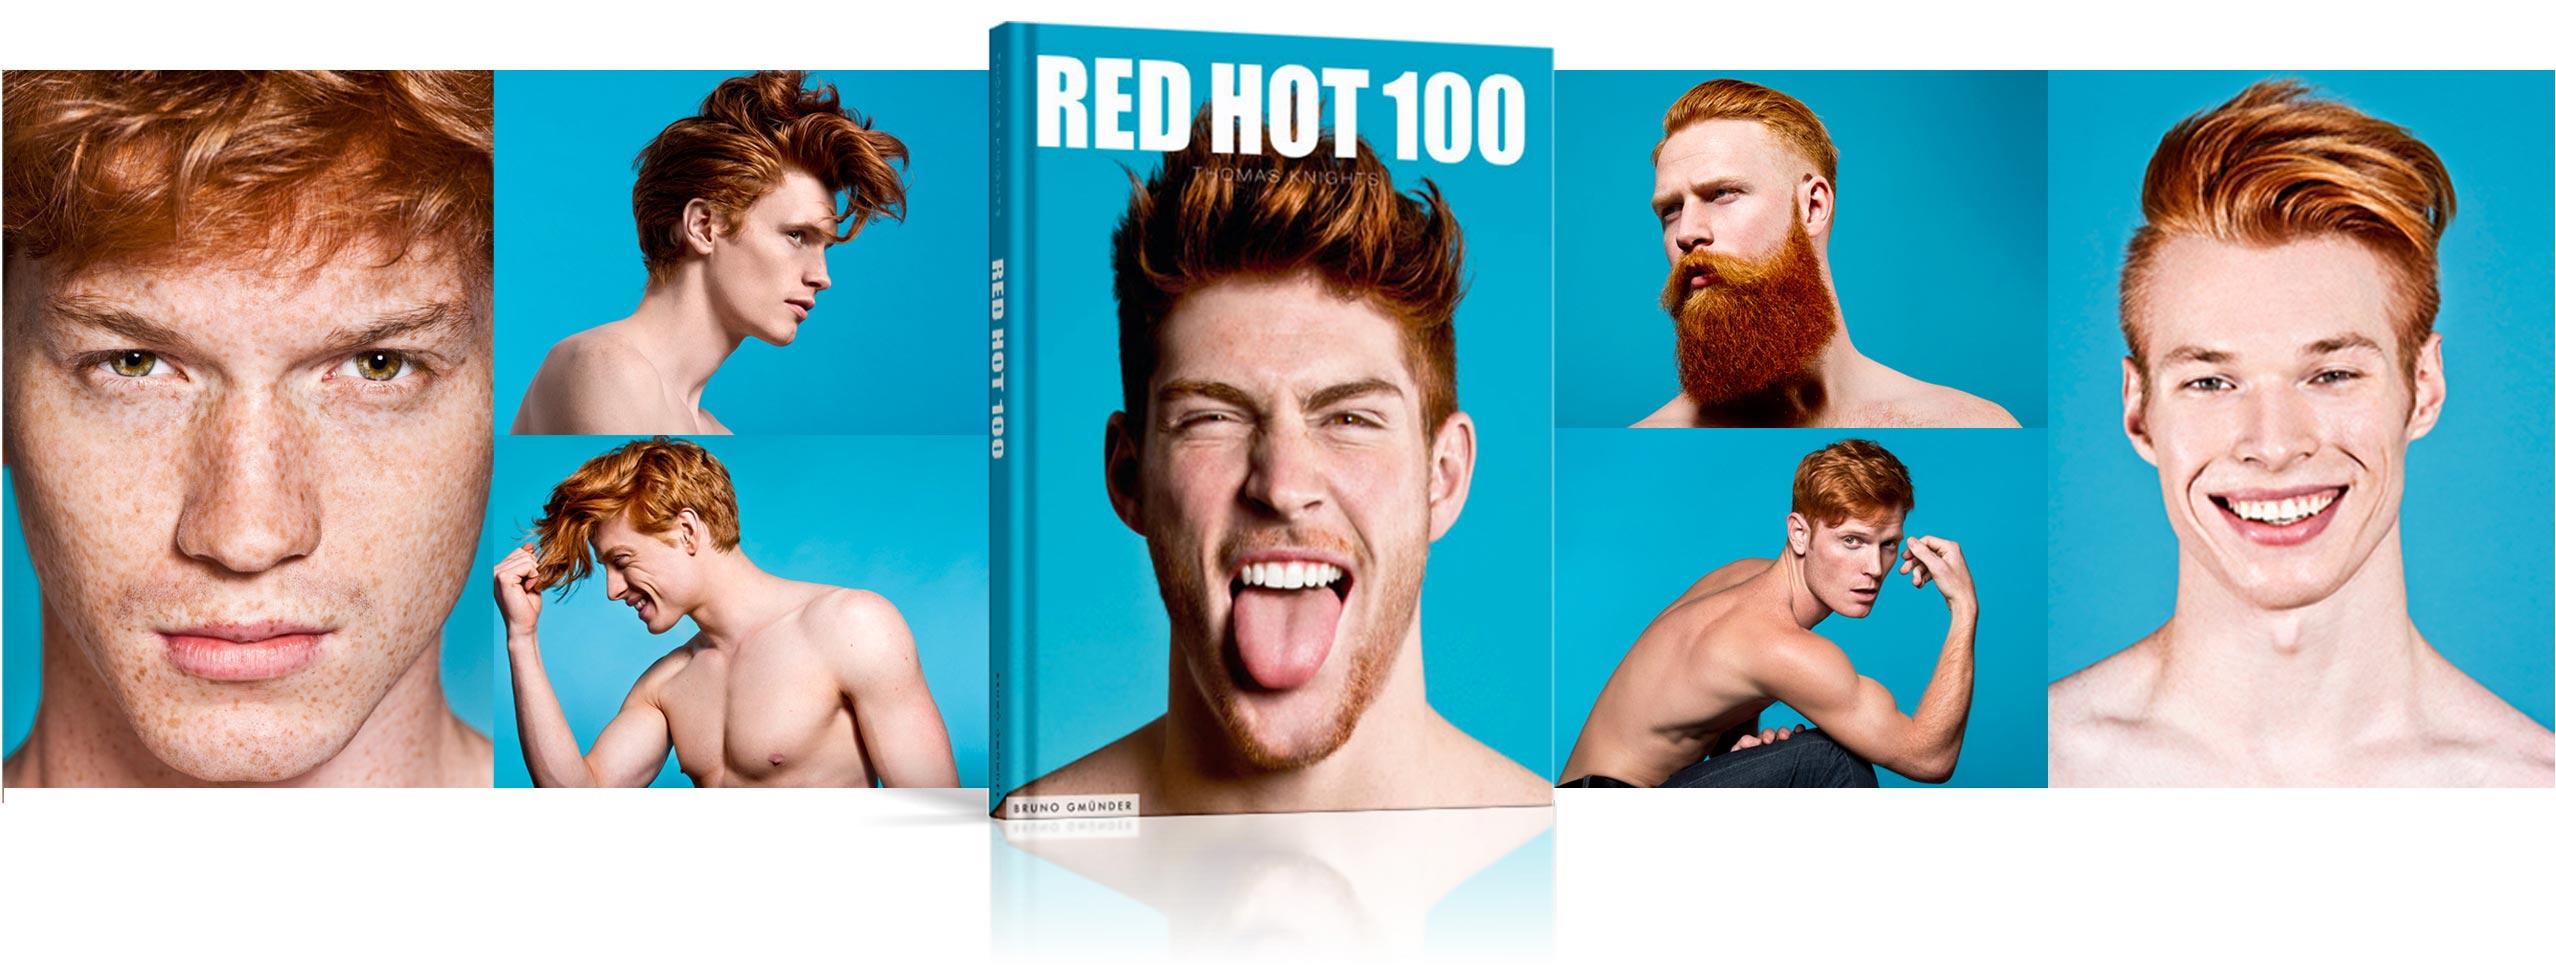 Kromě výstavy, kde fotograf Thomas Knights vystavuje 40 zrzavých mužů na fotografiích, je na trhu také publikace pod výstižným názvem RED HOT 100, kde se plejáda modelů rozšířila na rovných 100.